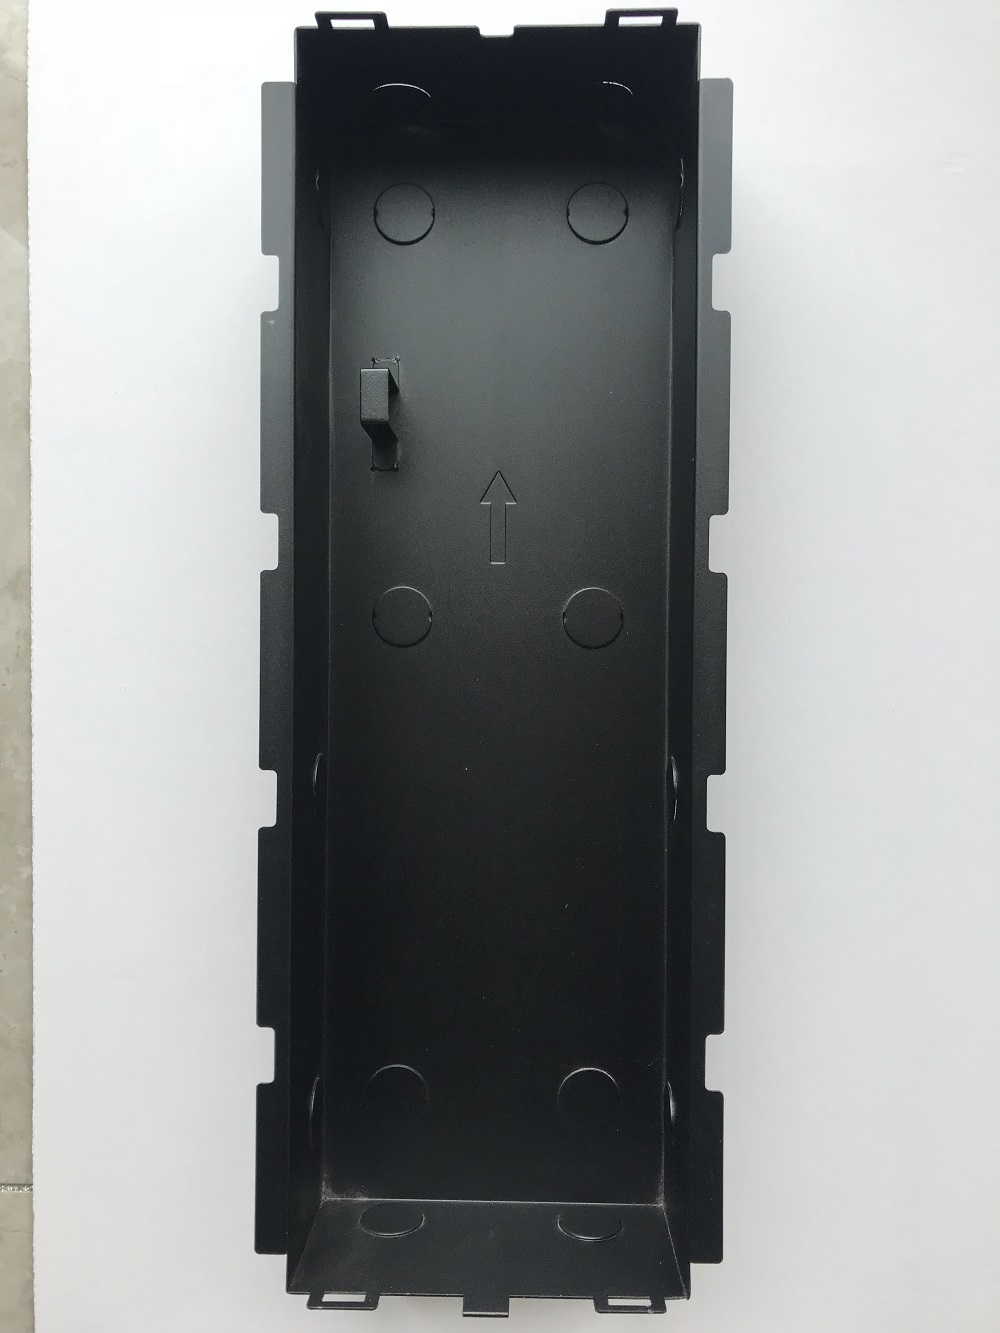 Scatola di Montaggio a filo per VTO9231DScatola di Montaggio a filo per VTO9231D